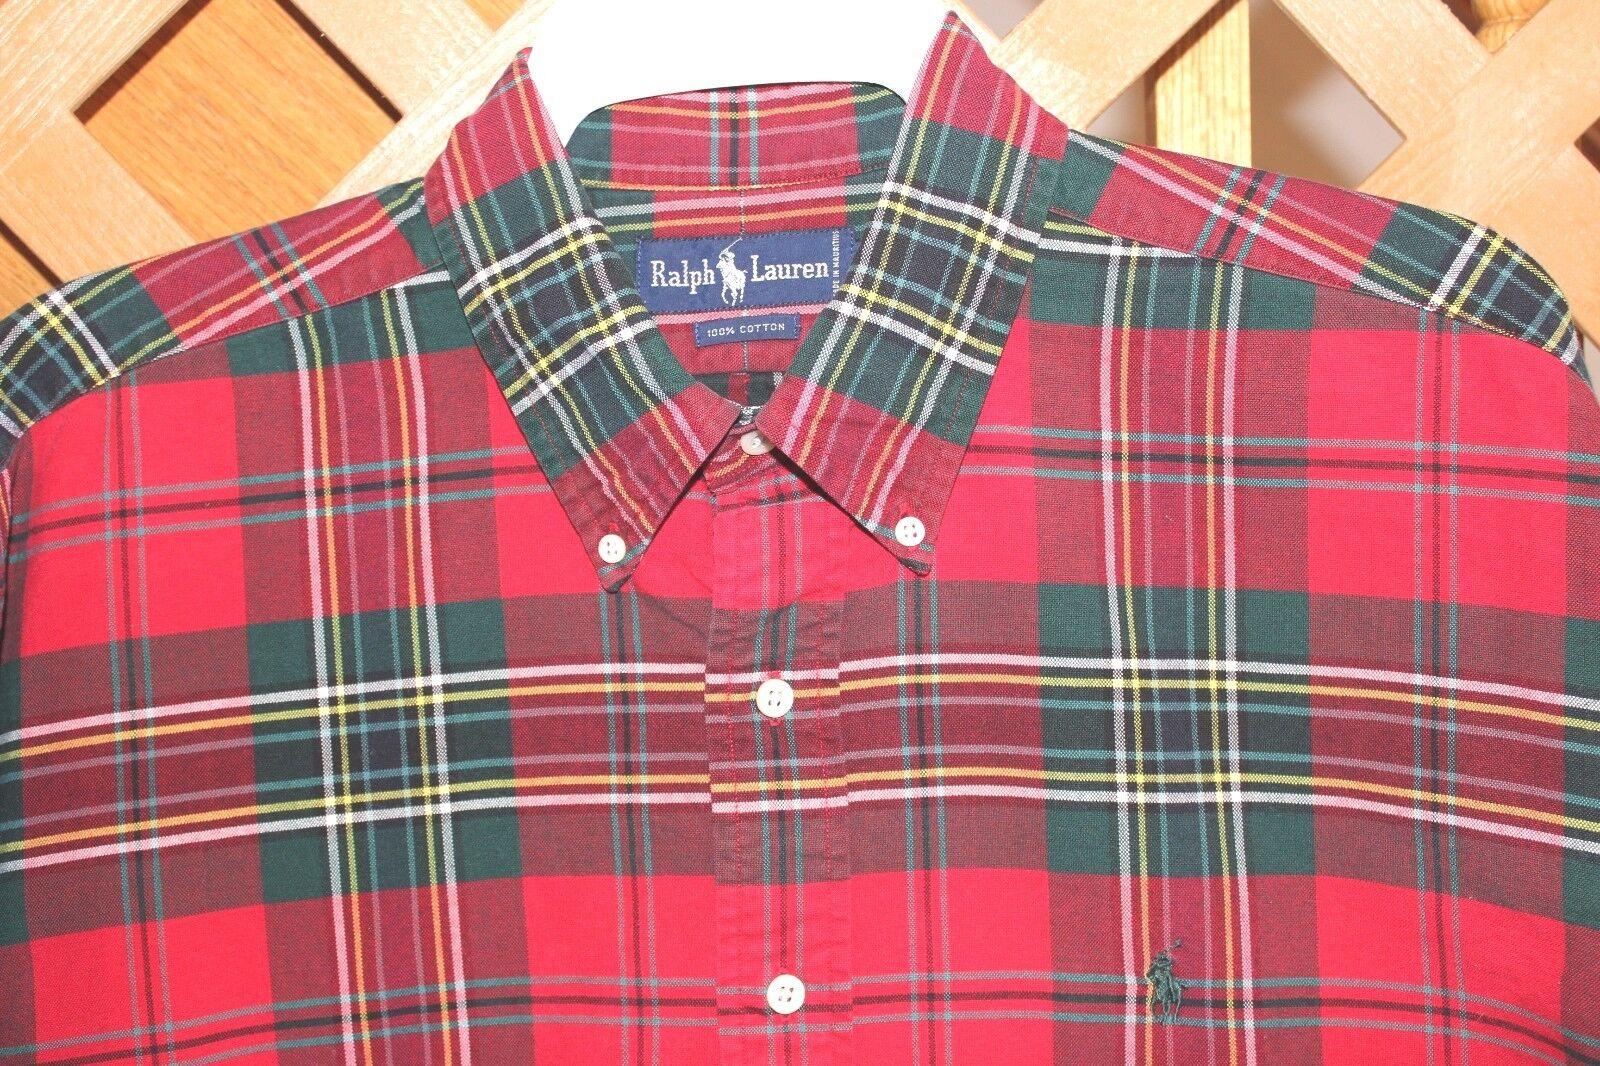 POLO RALPH LAUREN   Men's Long Sleeve Shirt Red Plaid SHIRT SIZE XL